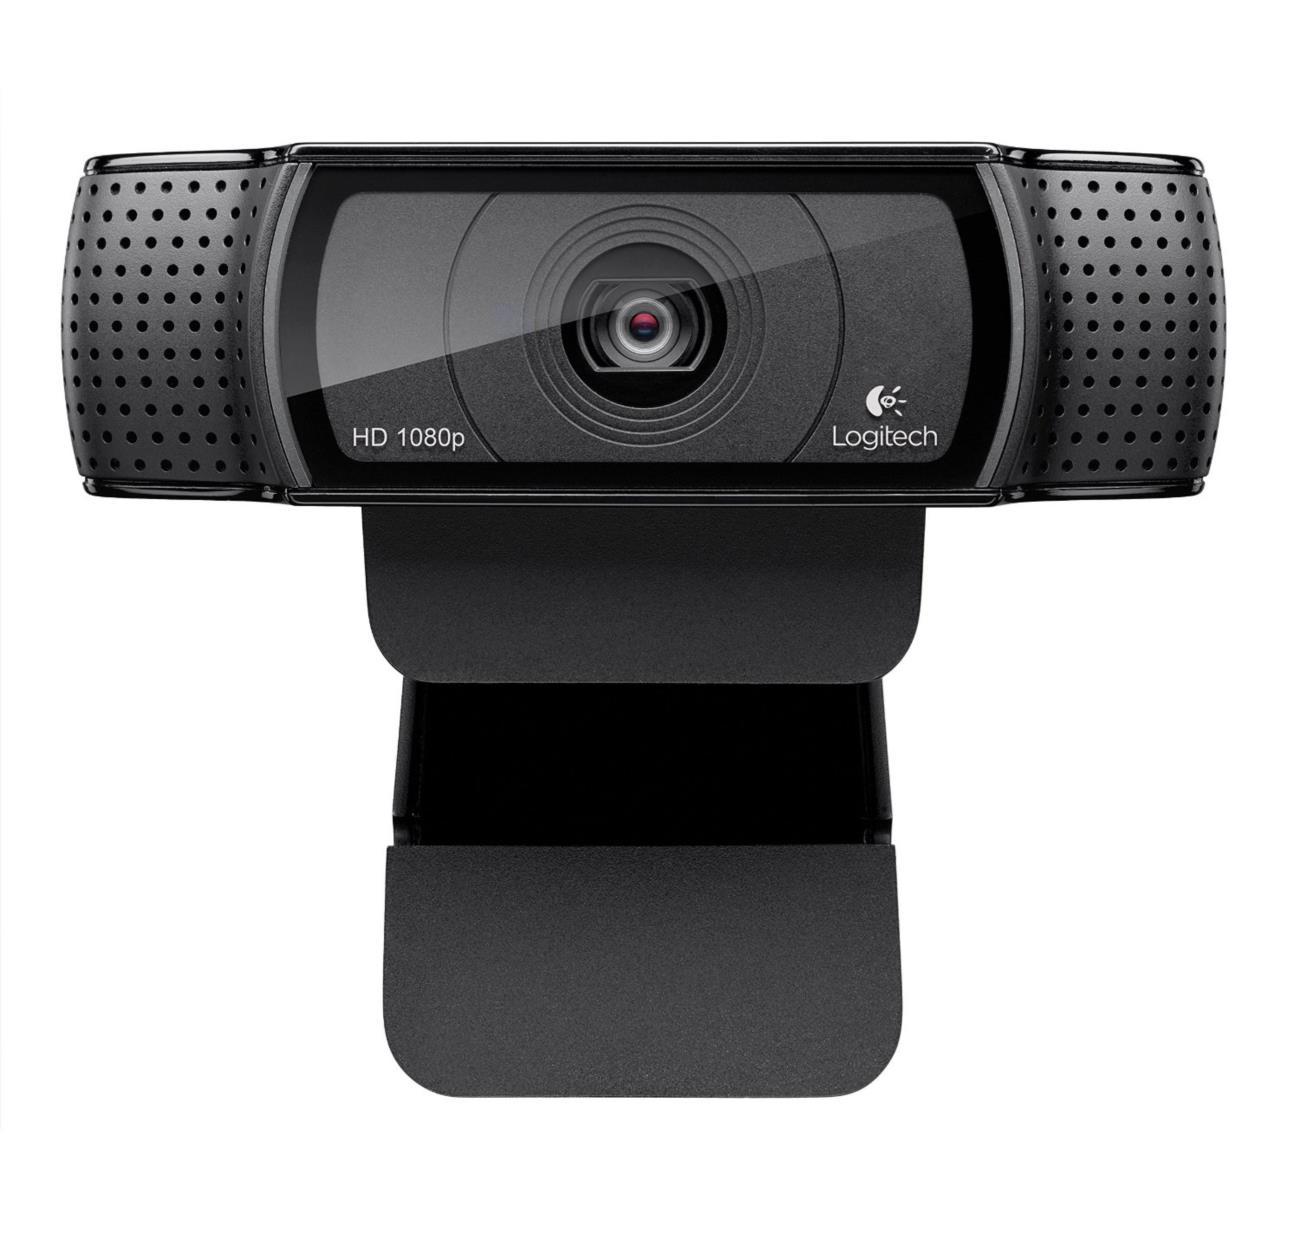 Logitech веб камера смоленск